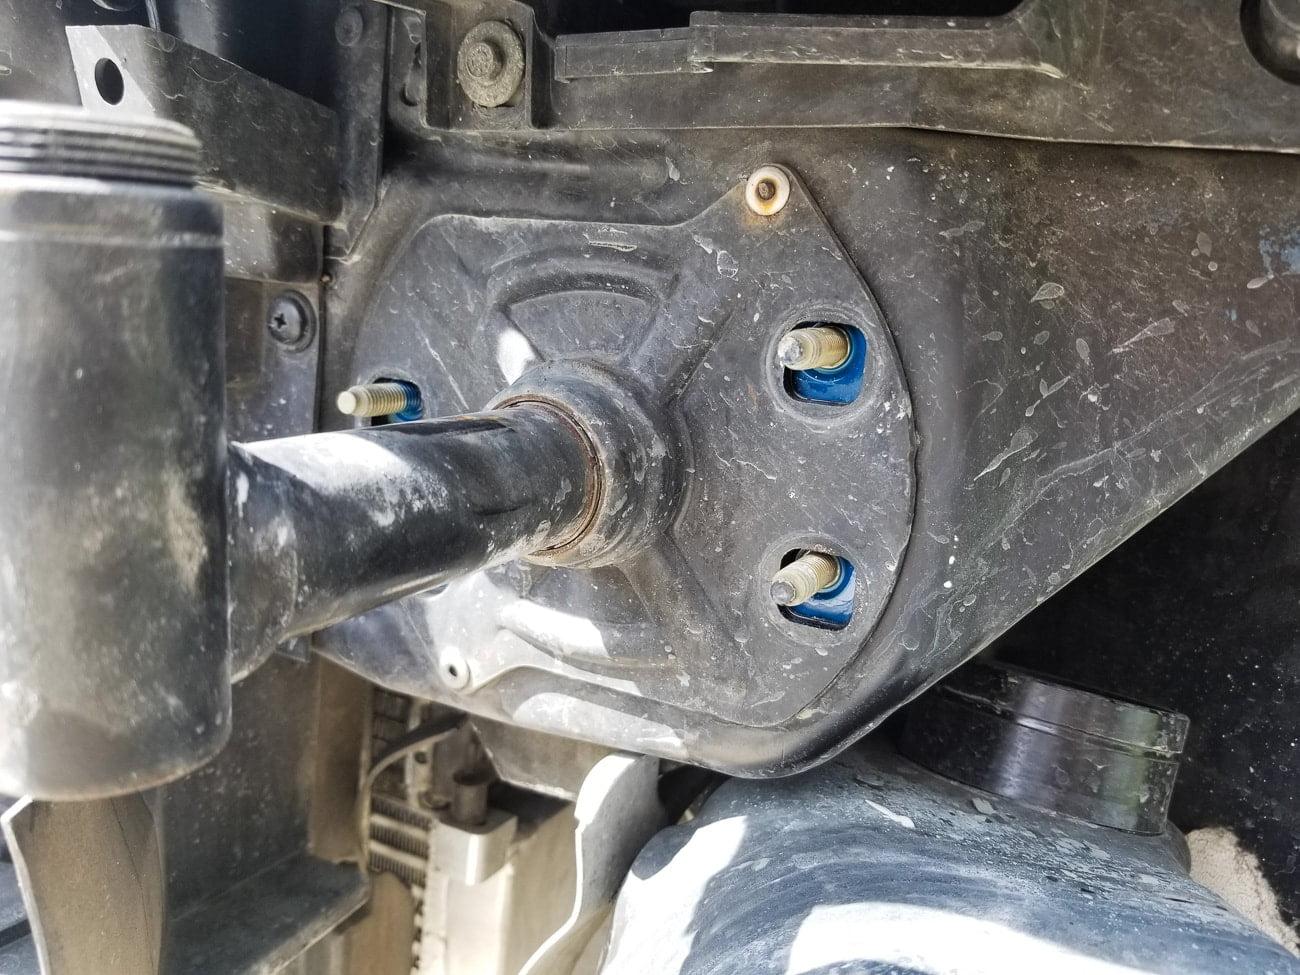 E46 M3 Splitter Bracket Install DIY